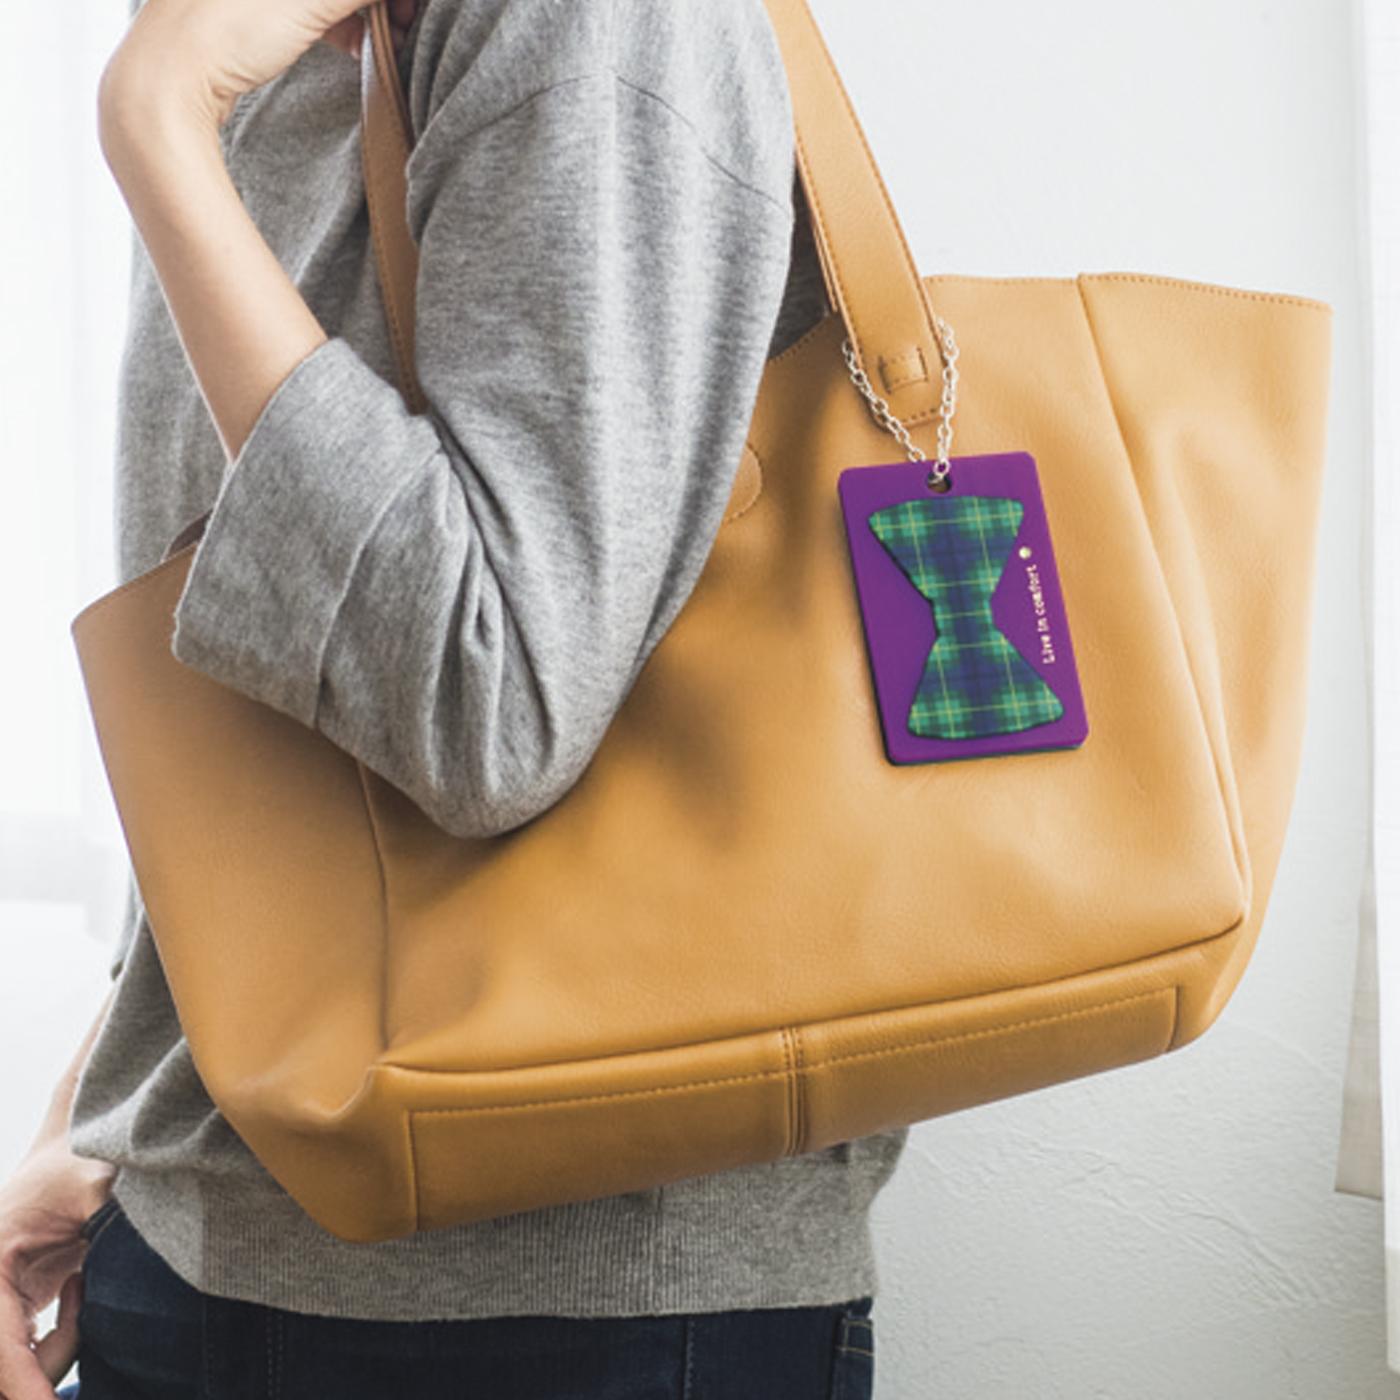 ※ケースはバッグの内側に入れてご使用ください。